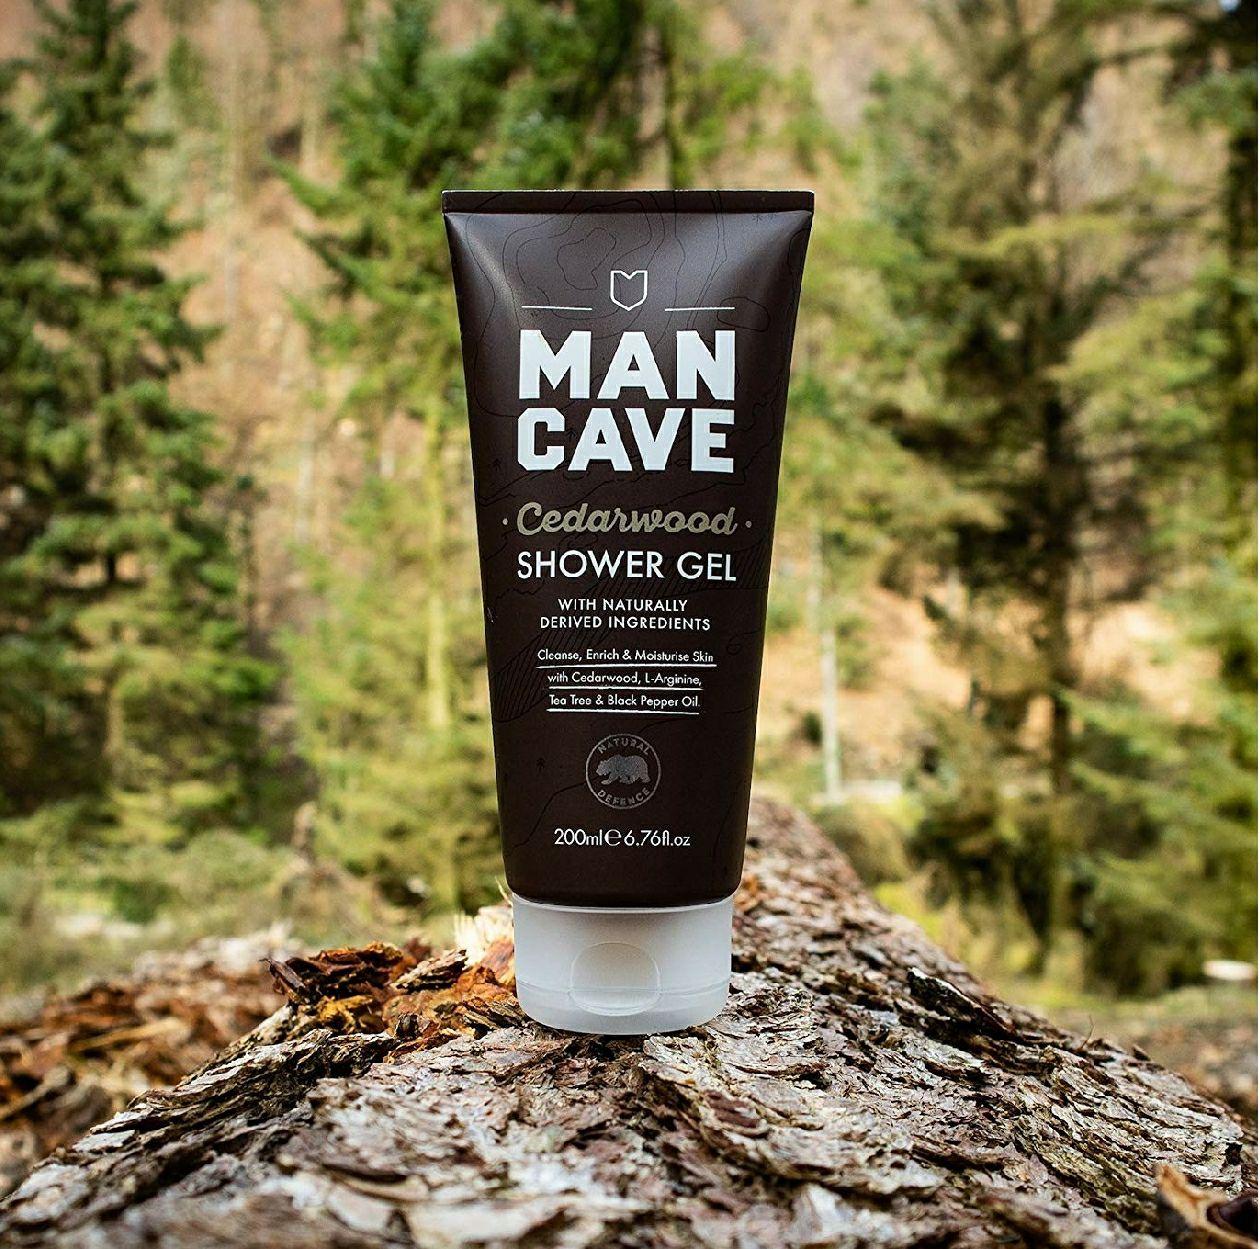 Mancave shower gel. Cedarwood £1.70 @ Amazon (Add On)